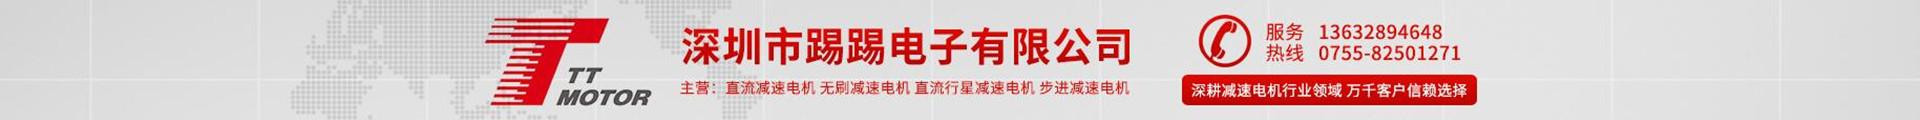 深圳市踢踢電子有限公司